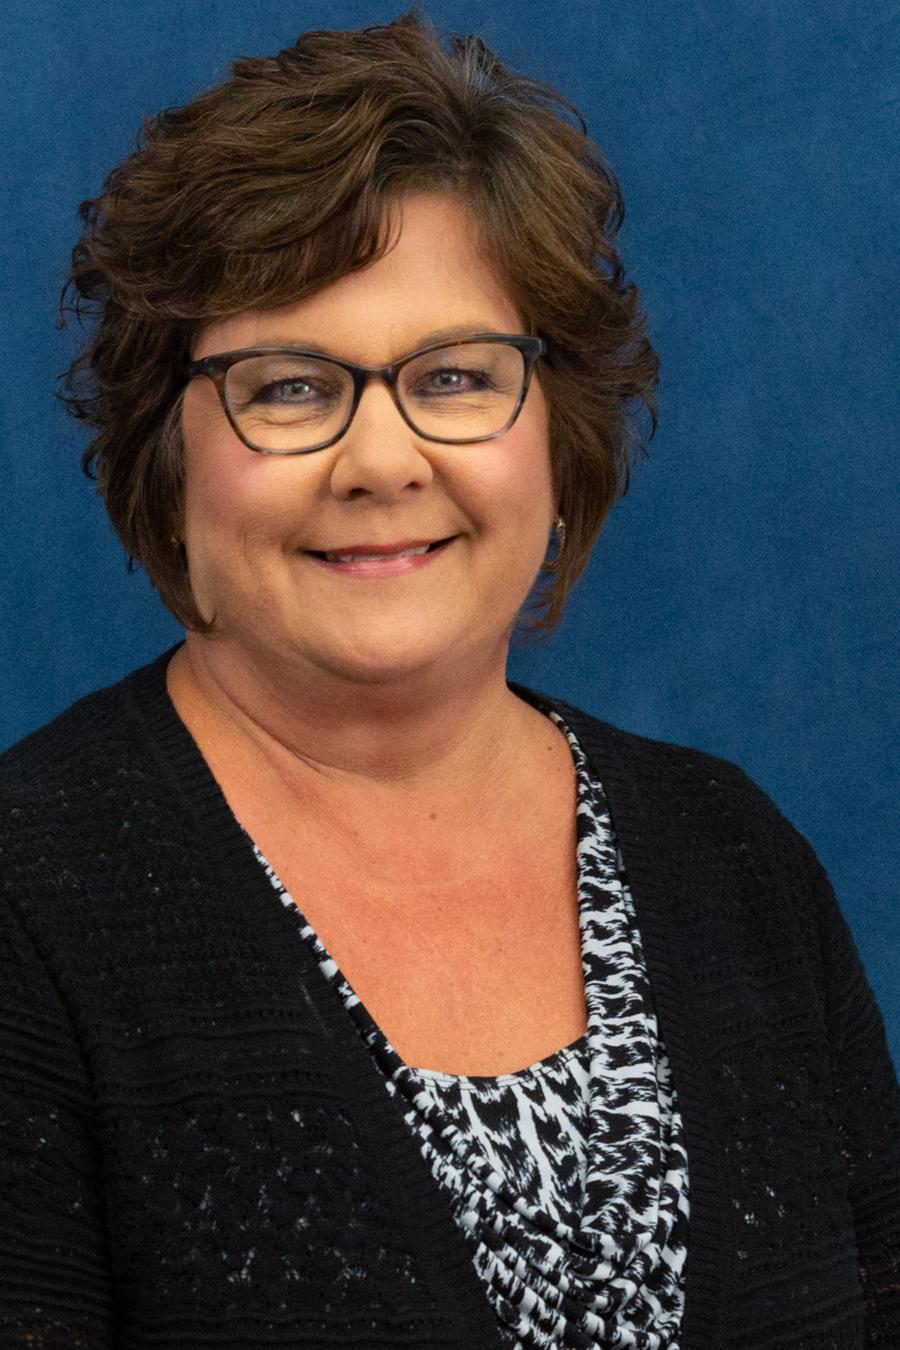 Carolyn Holtgrewe